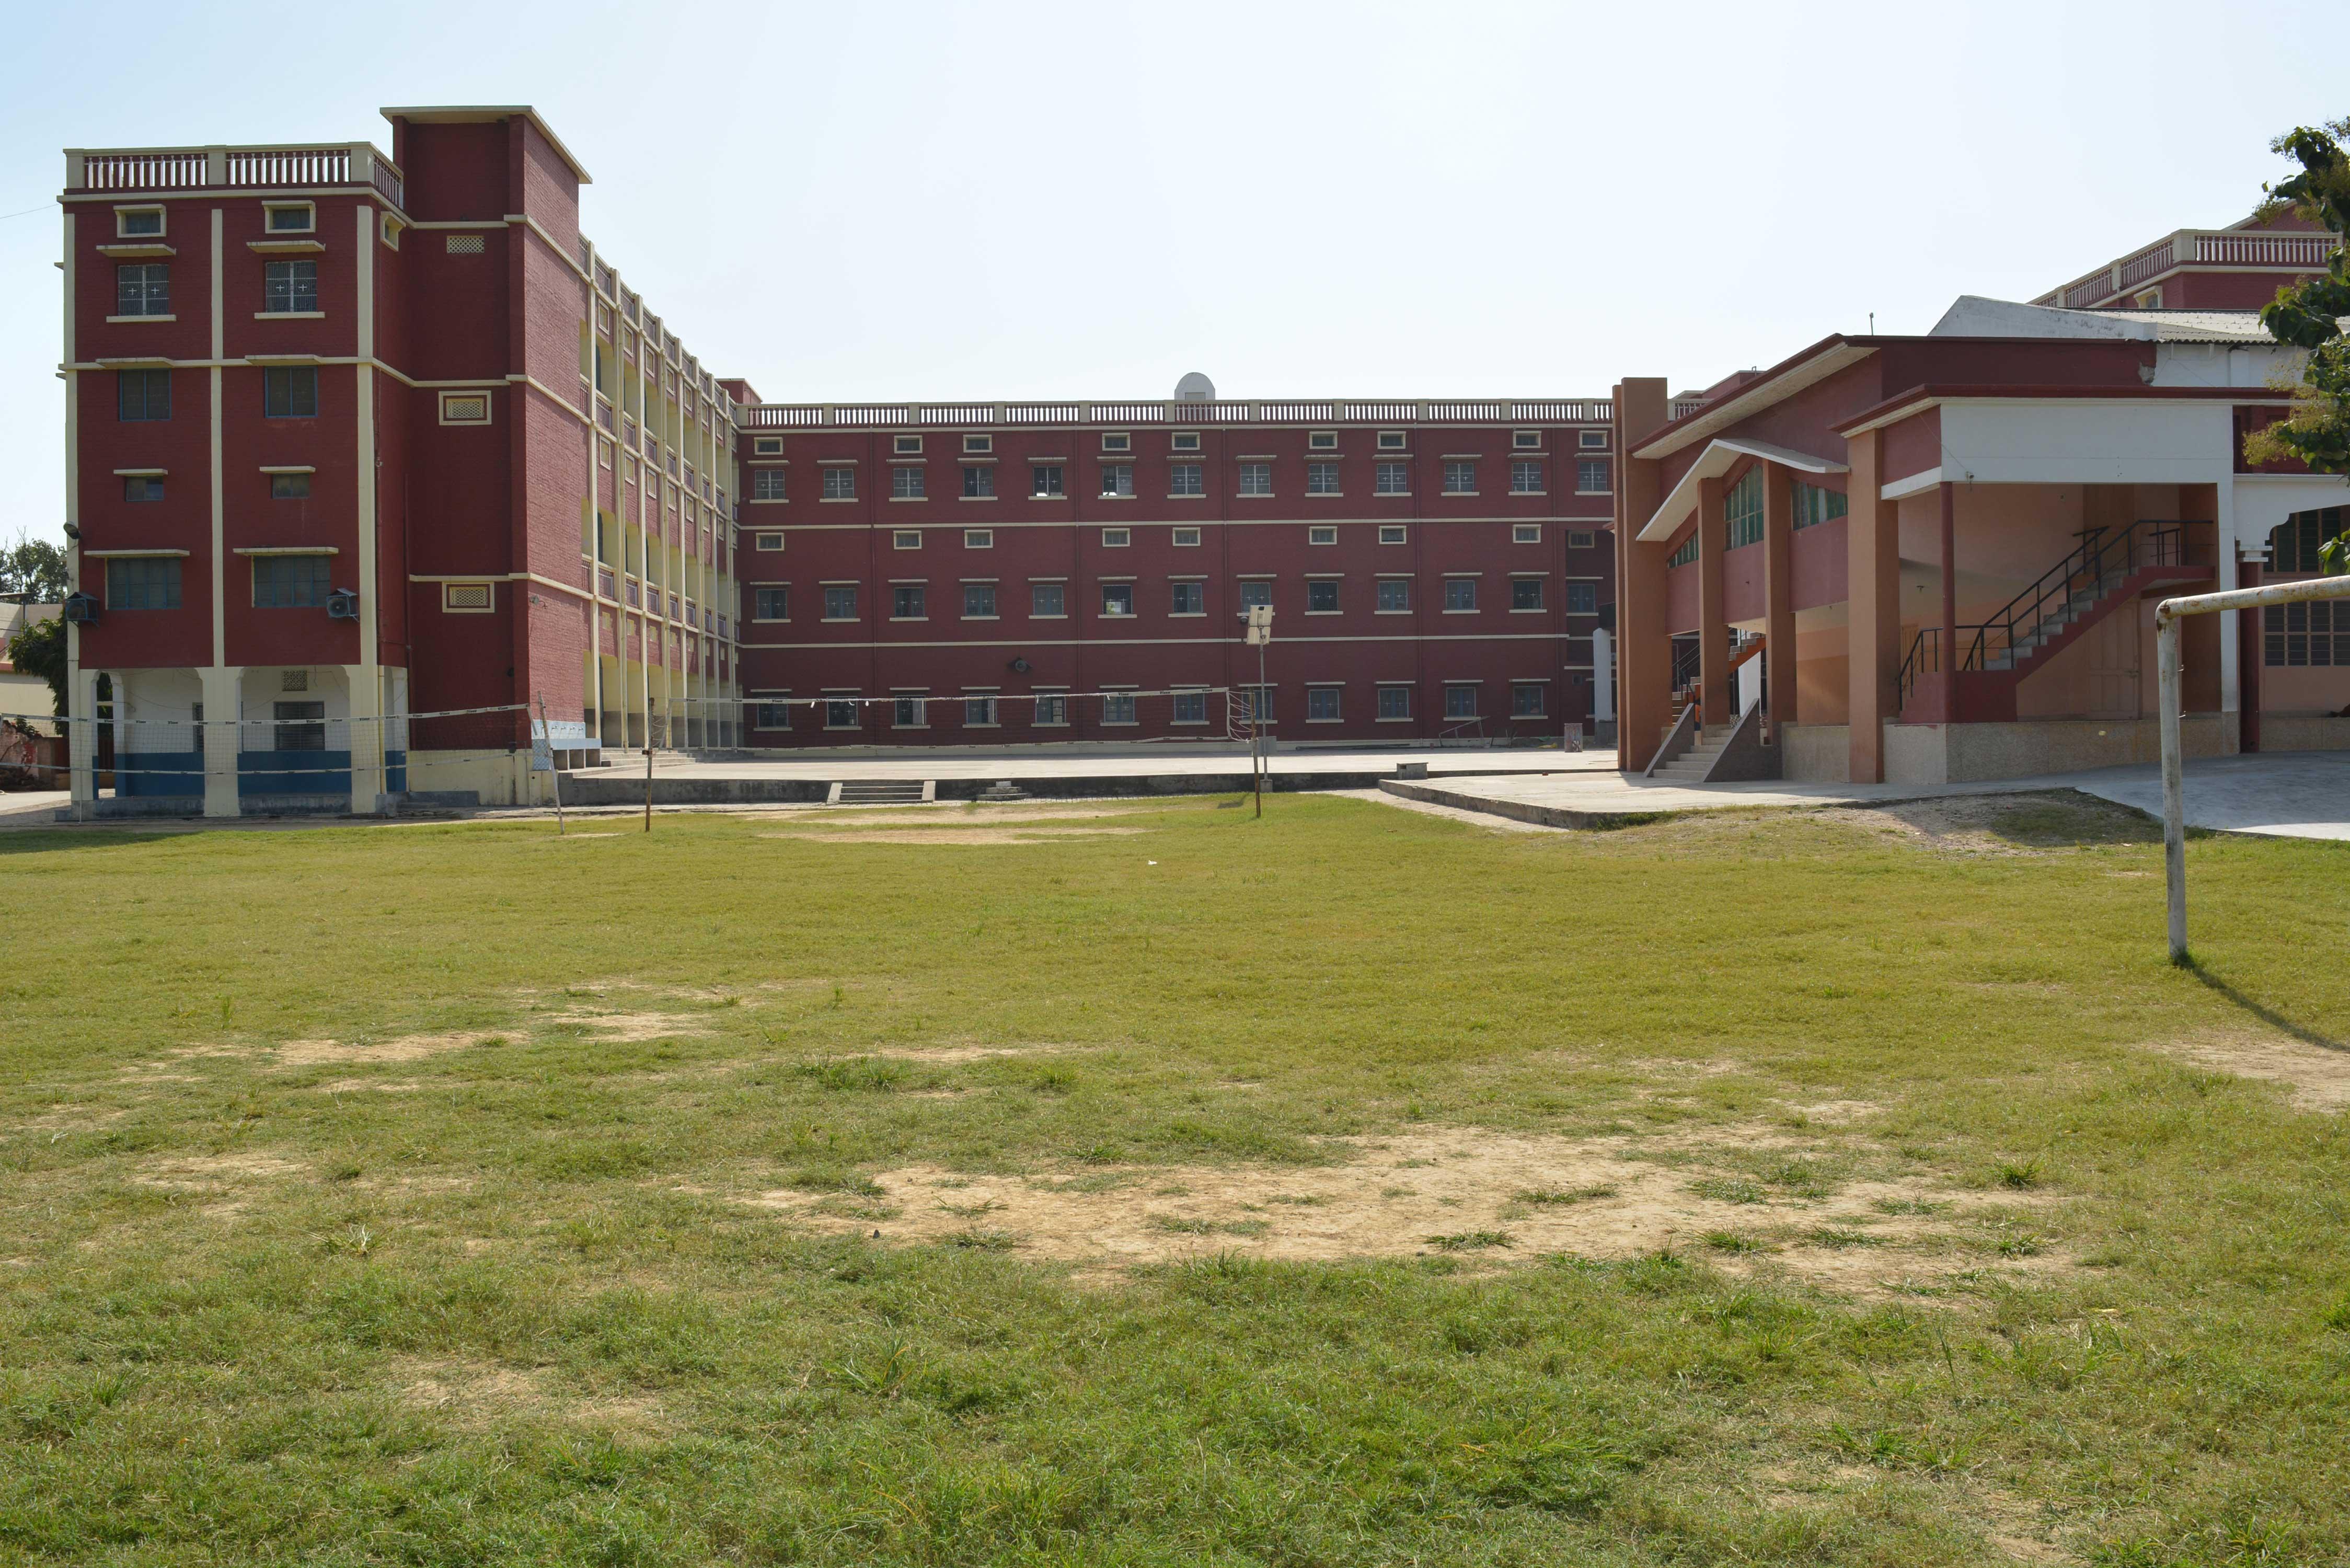 BETHANY CONVENT SCHOOL NAINI P O ALLAHABAD UTTAR PRADESH 2130011